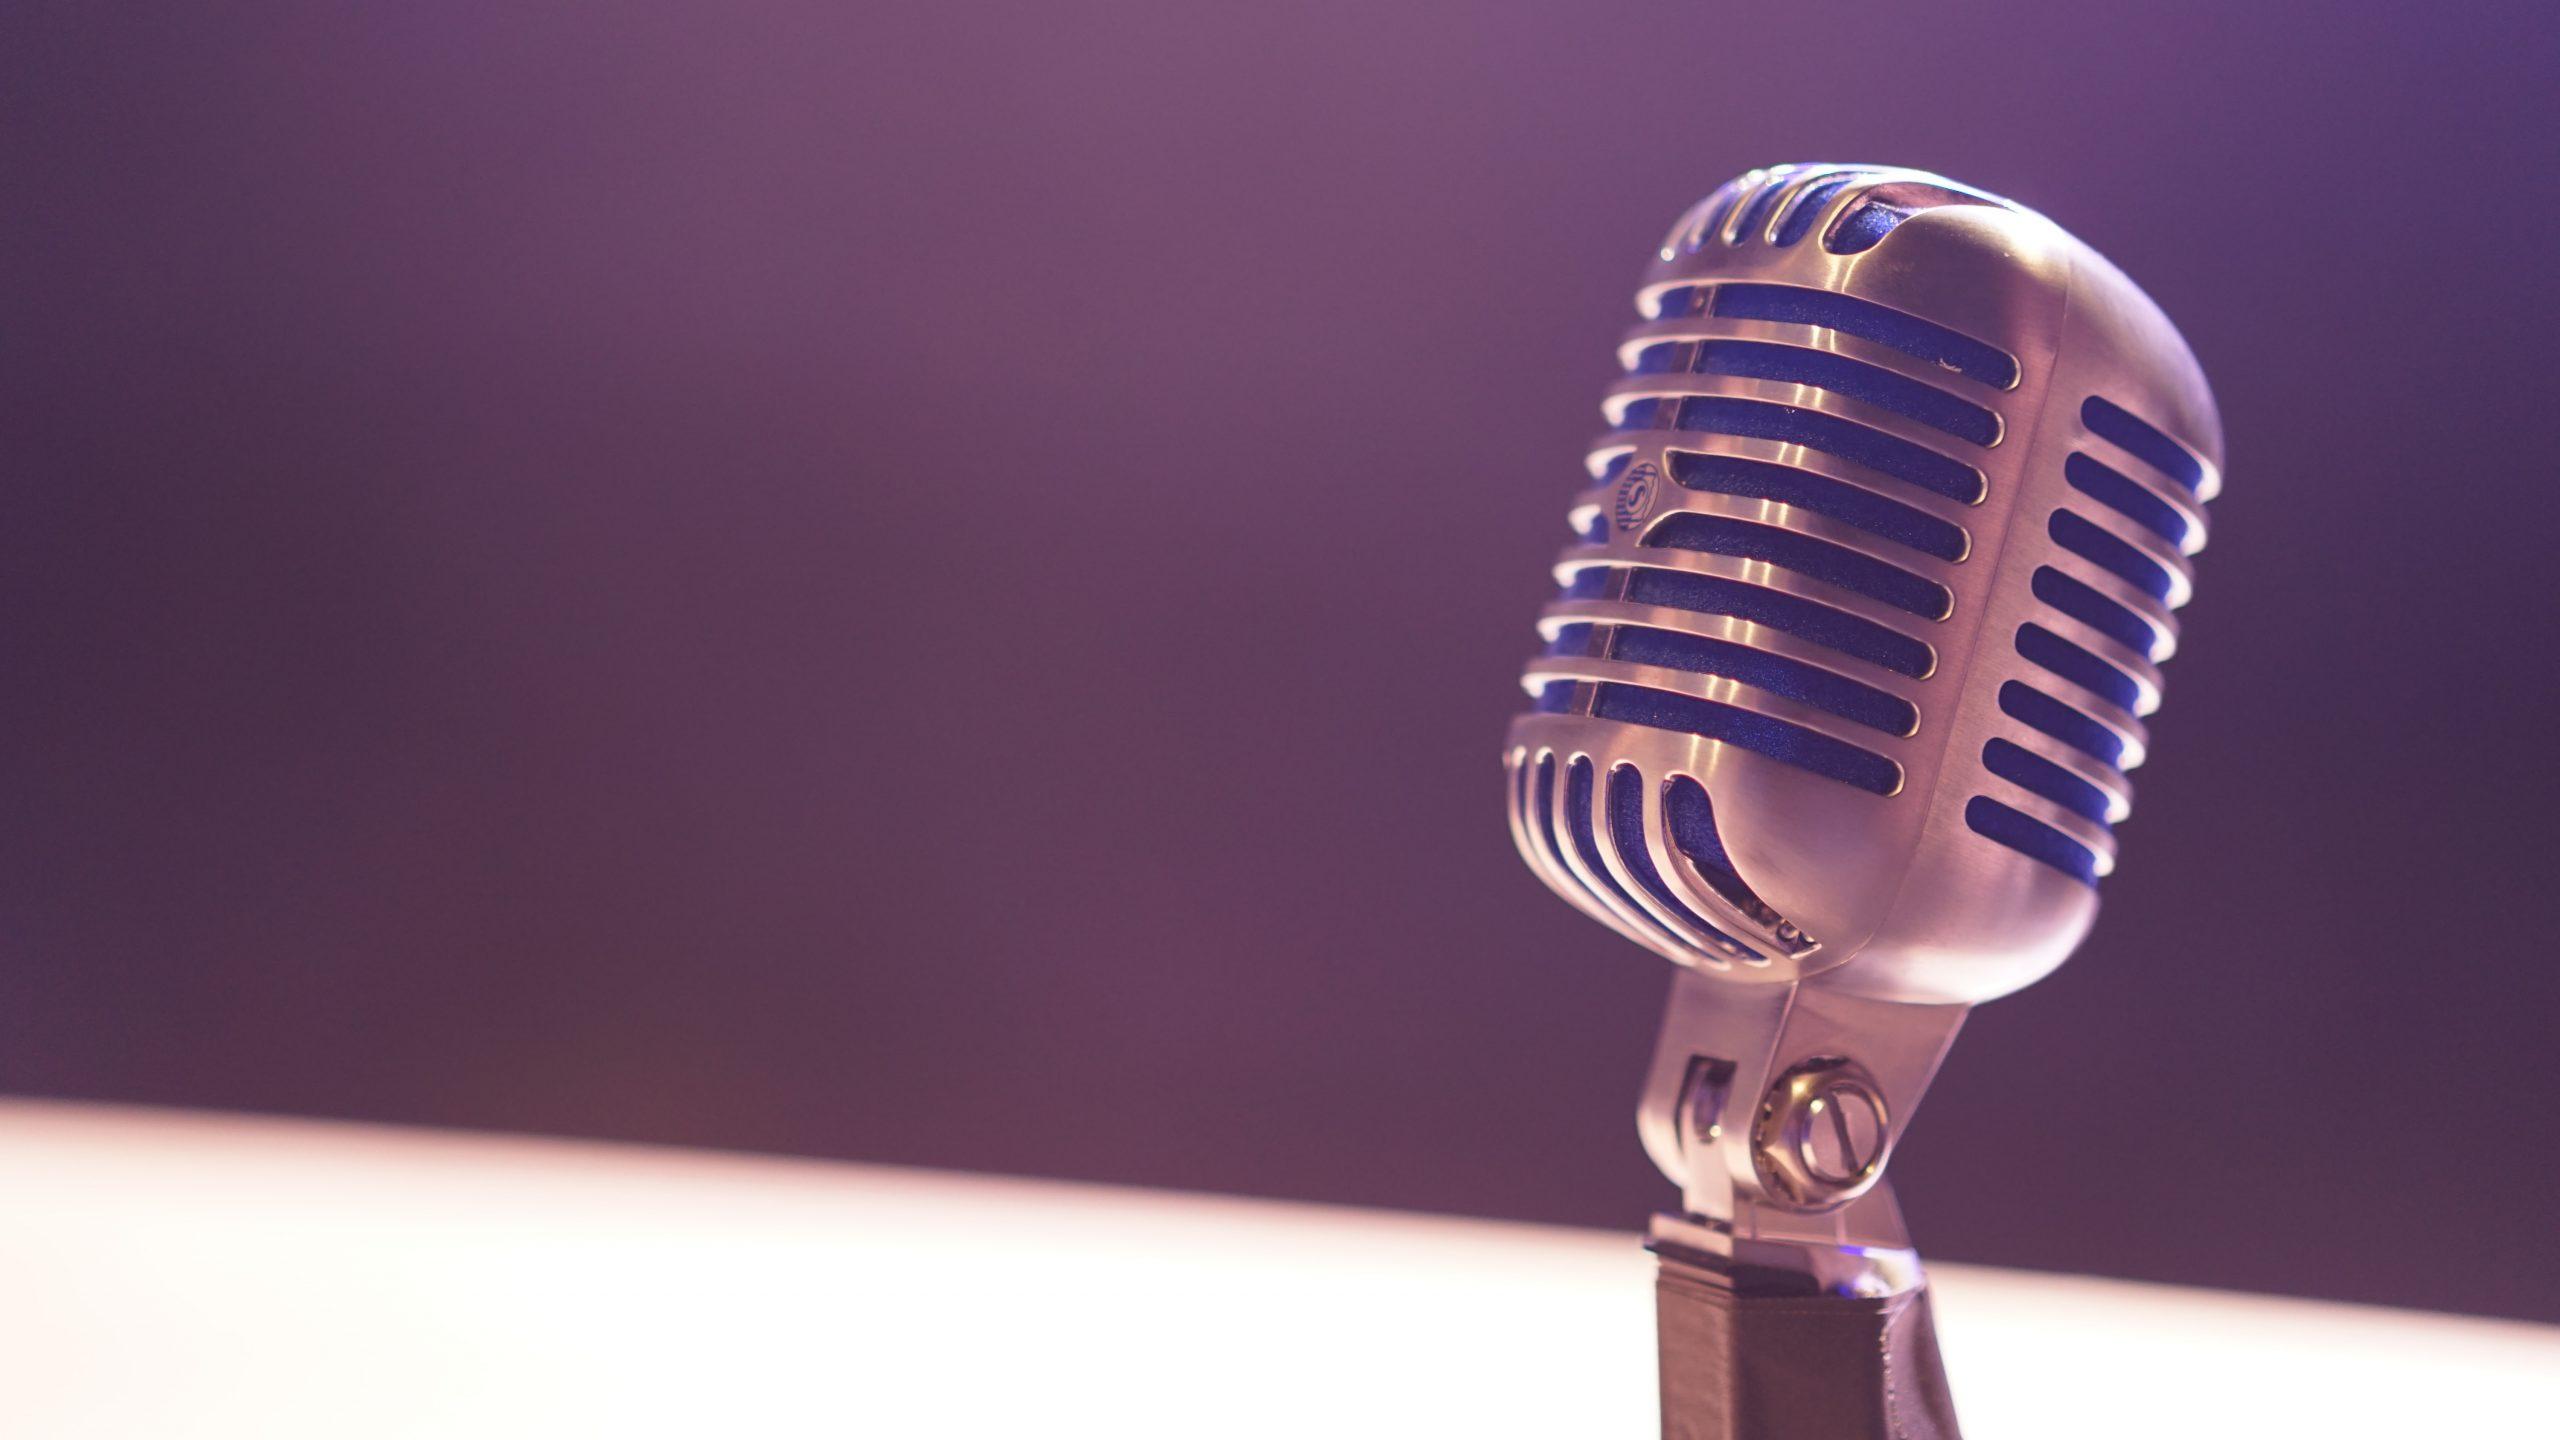 Das Bild zeigt ein Mikrofon vor einem lila Hintergrund. © Servicestelle Jugendbeteiligung e.V., Matt Botsford, 2017